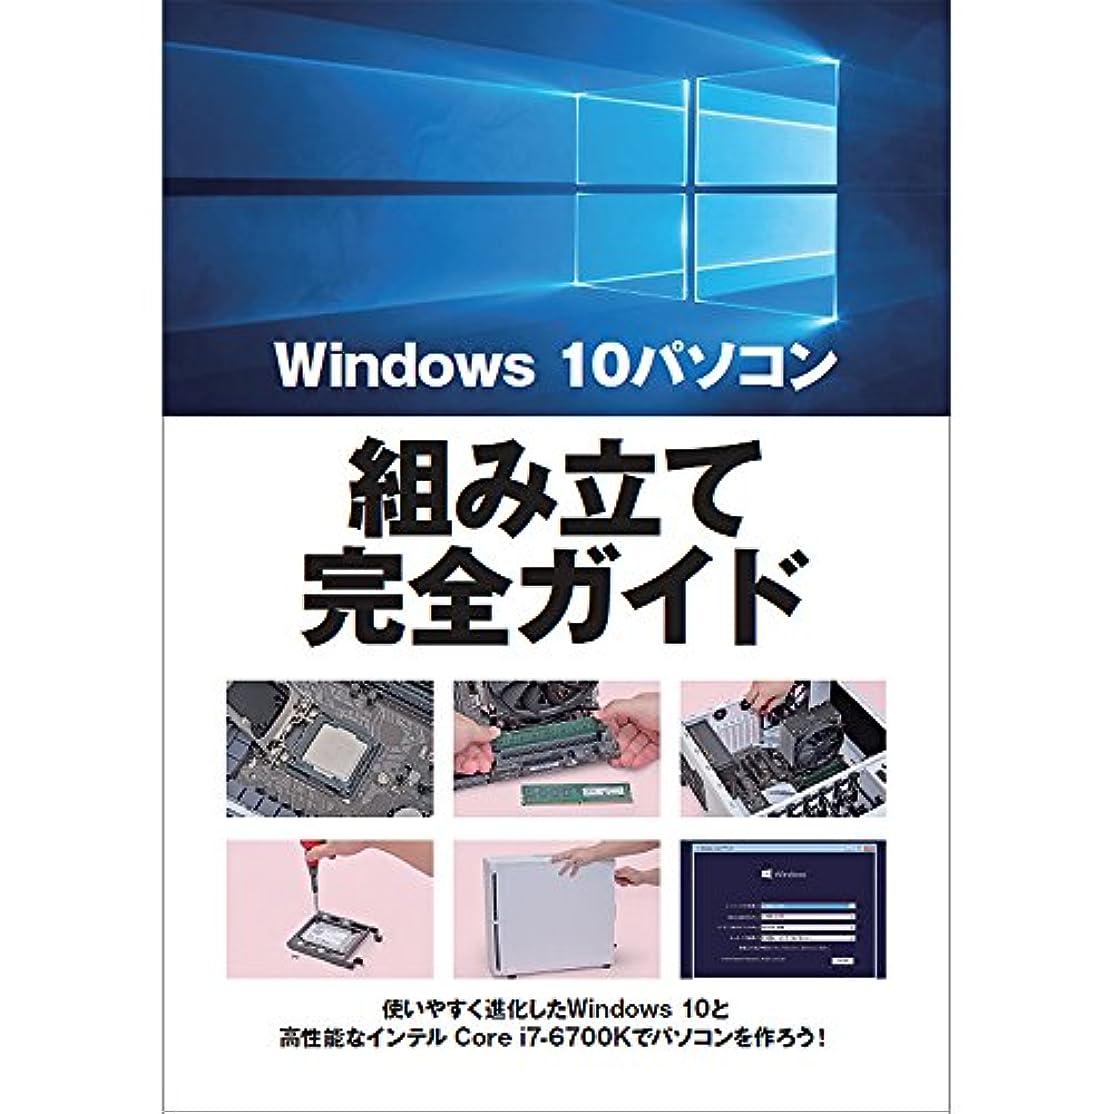 受益者批判的に同情的Windows10パソコン組み立て完全ガイド [ダウンロード]